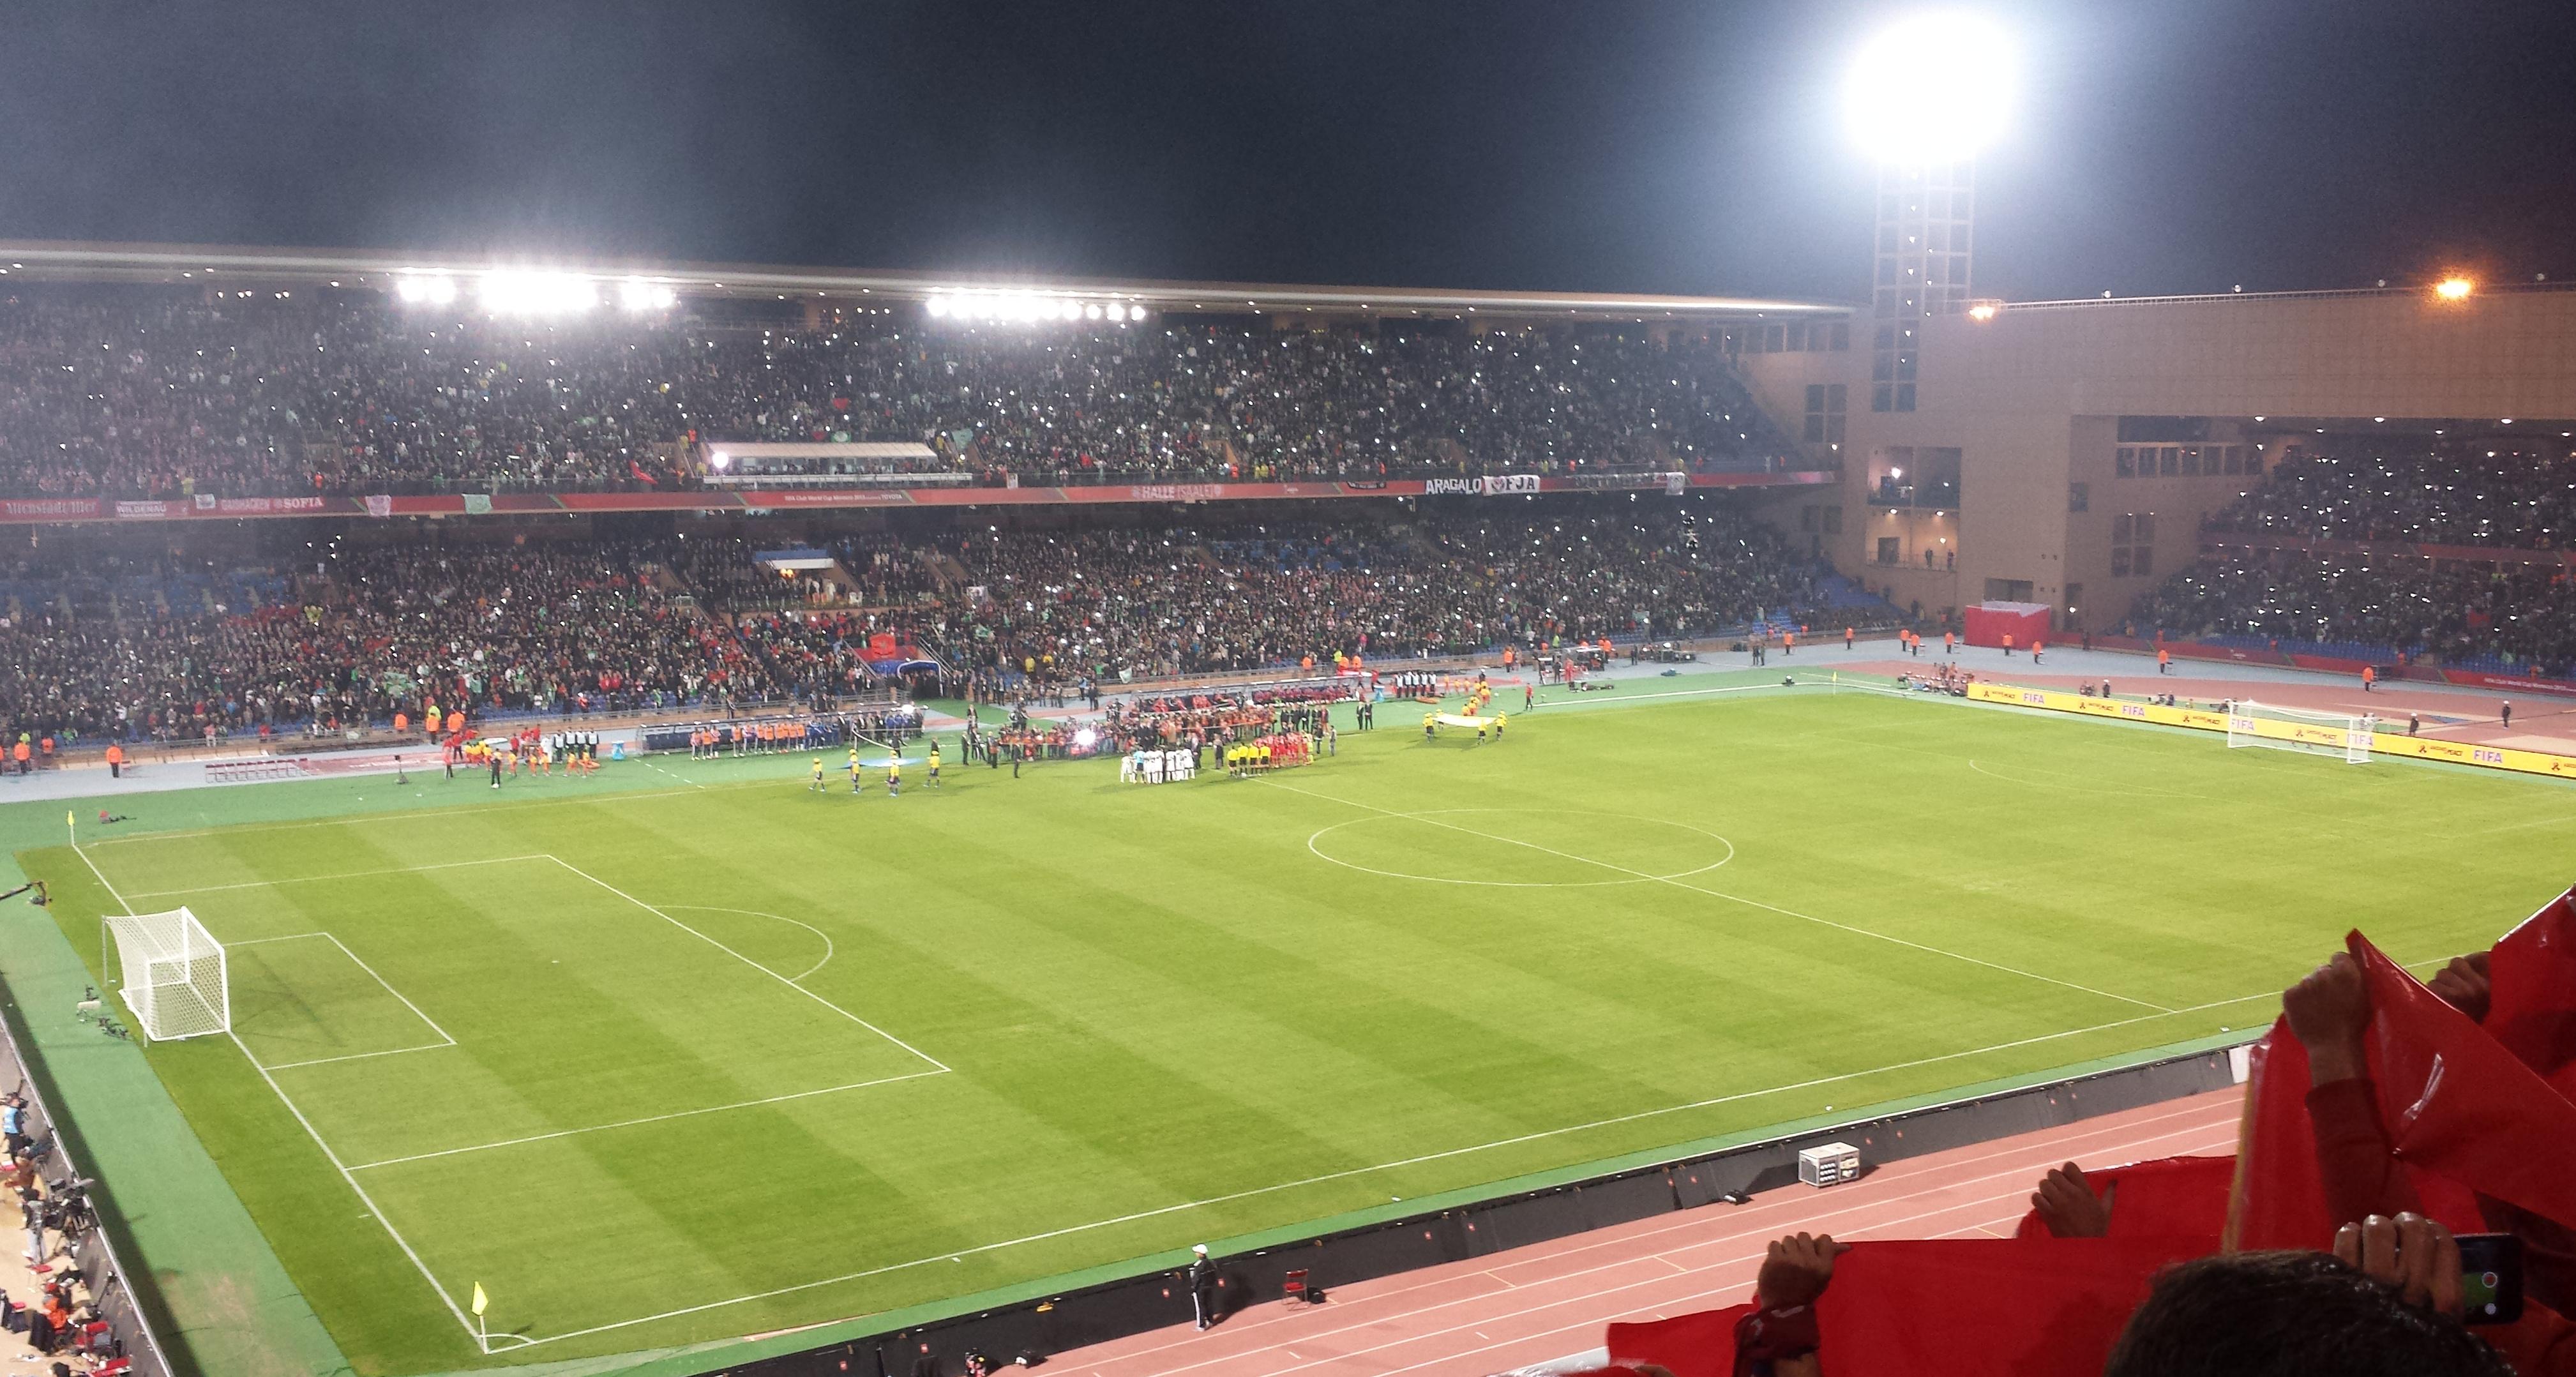 قائمة ملاعب كرة القدم في المغرب ويكيبيديا